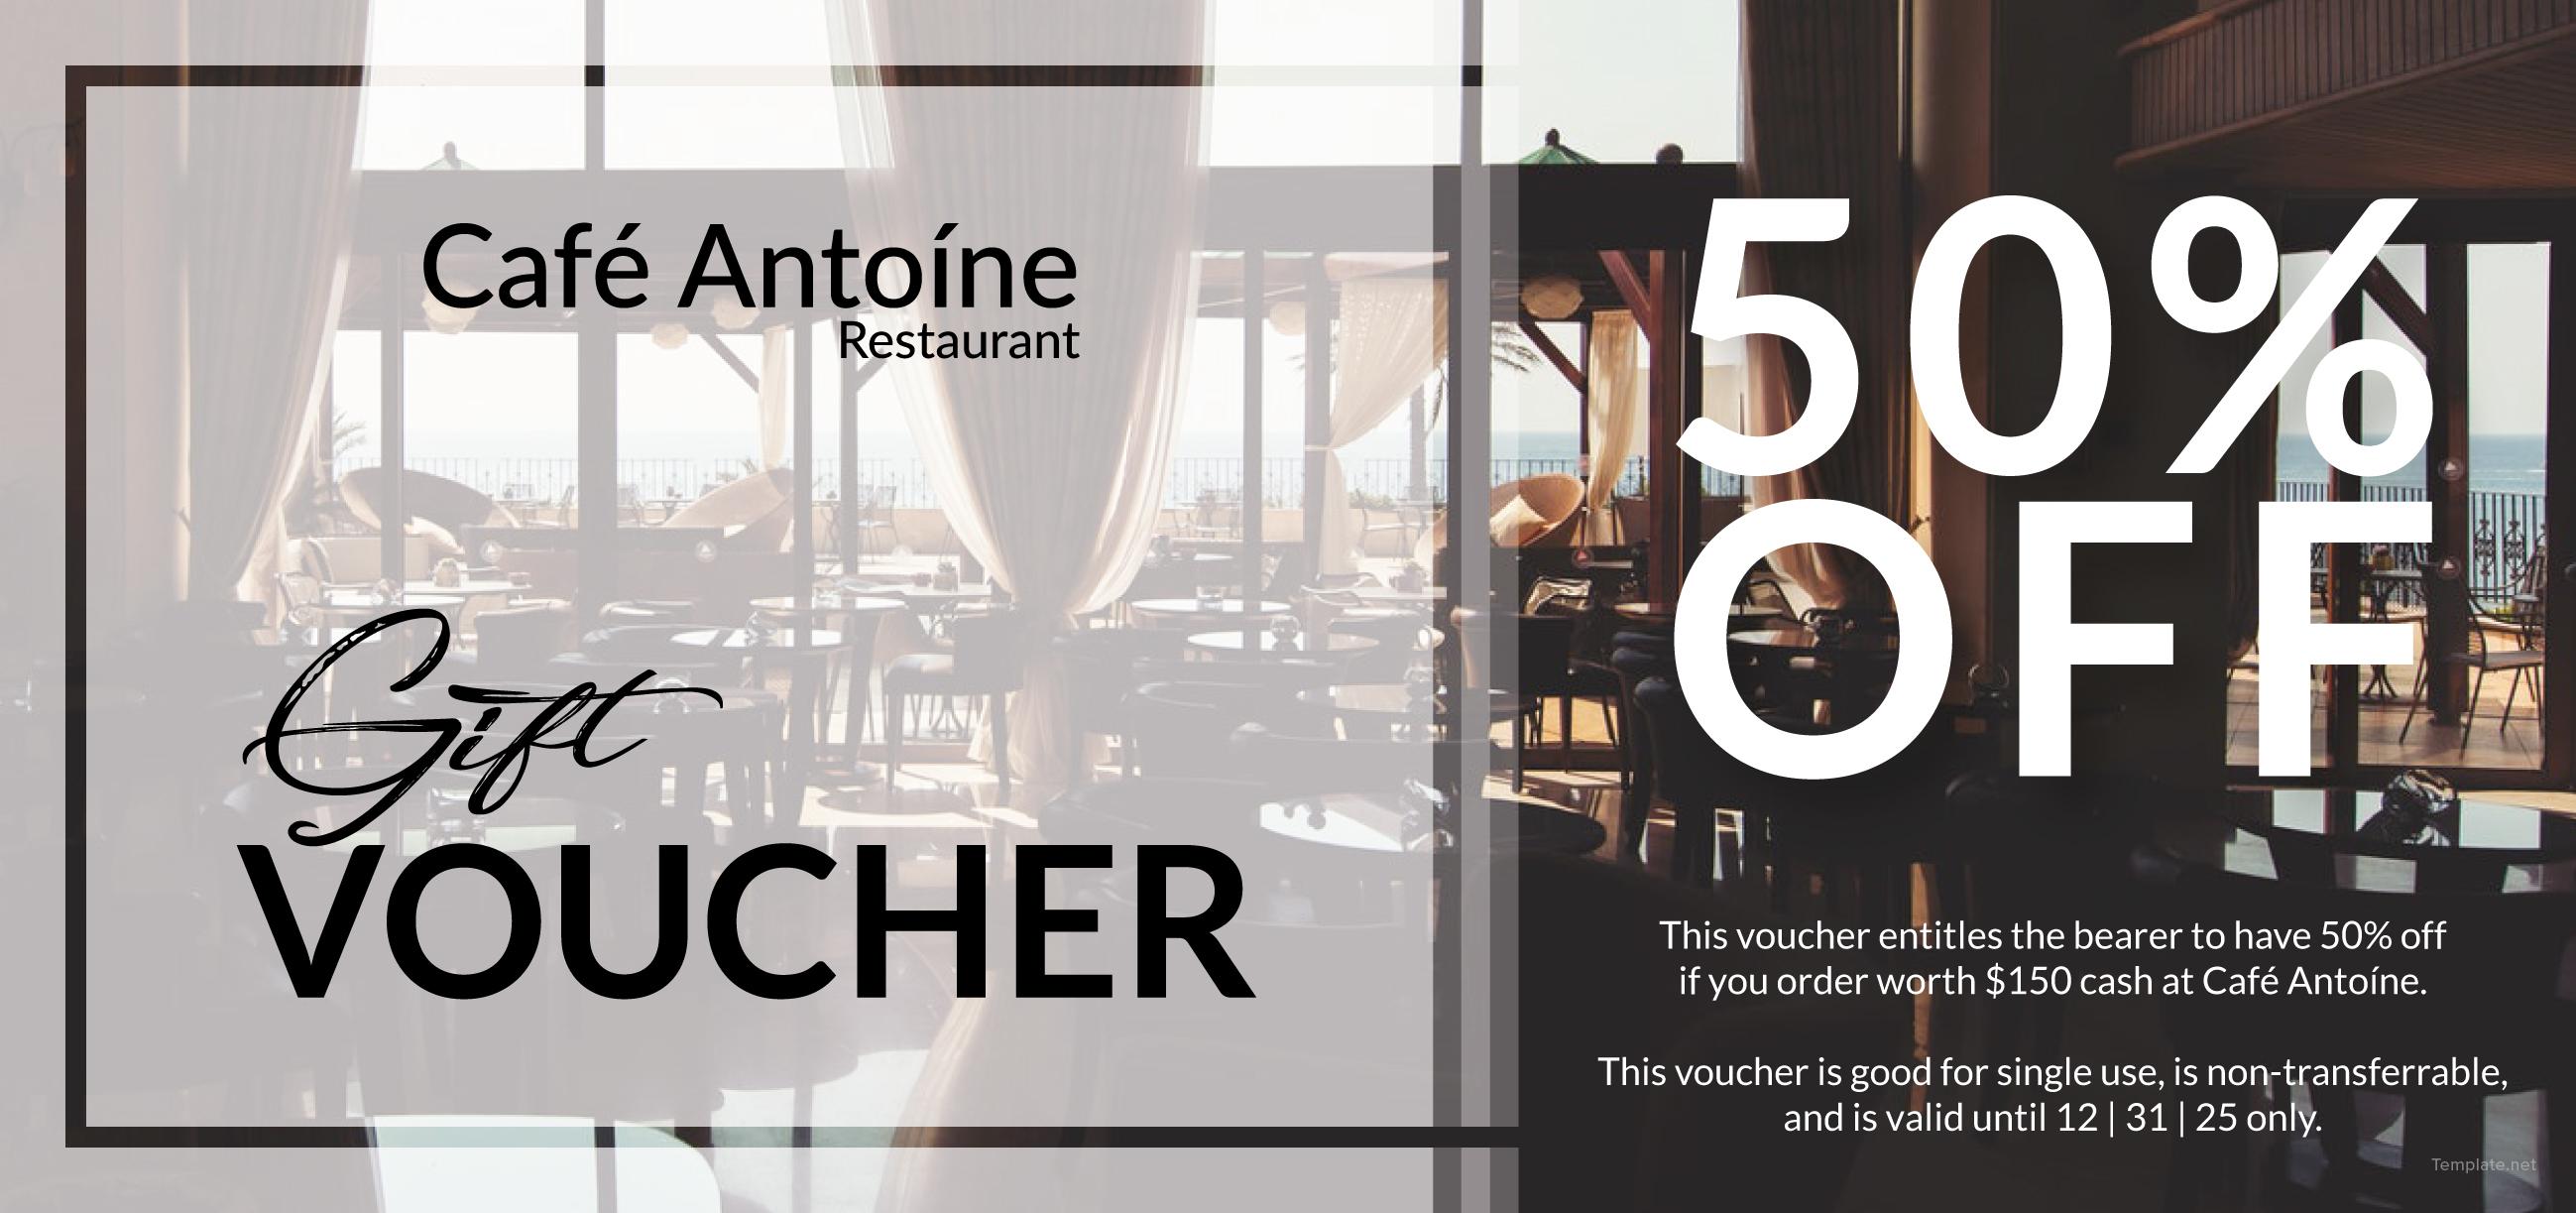 Free Restaurant Gift Voucher Template in Adobe Photoshop ...